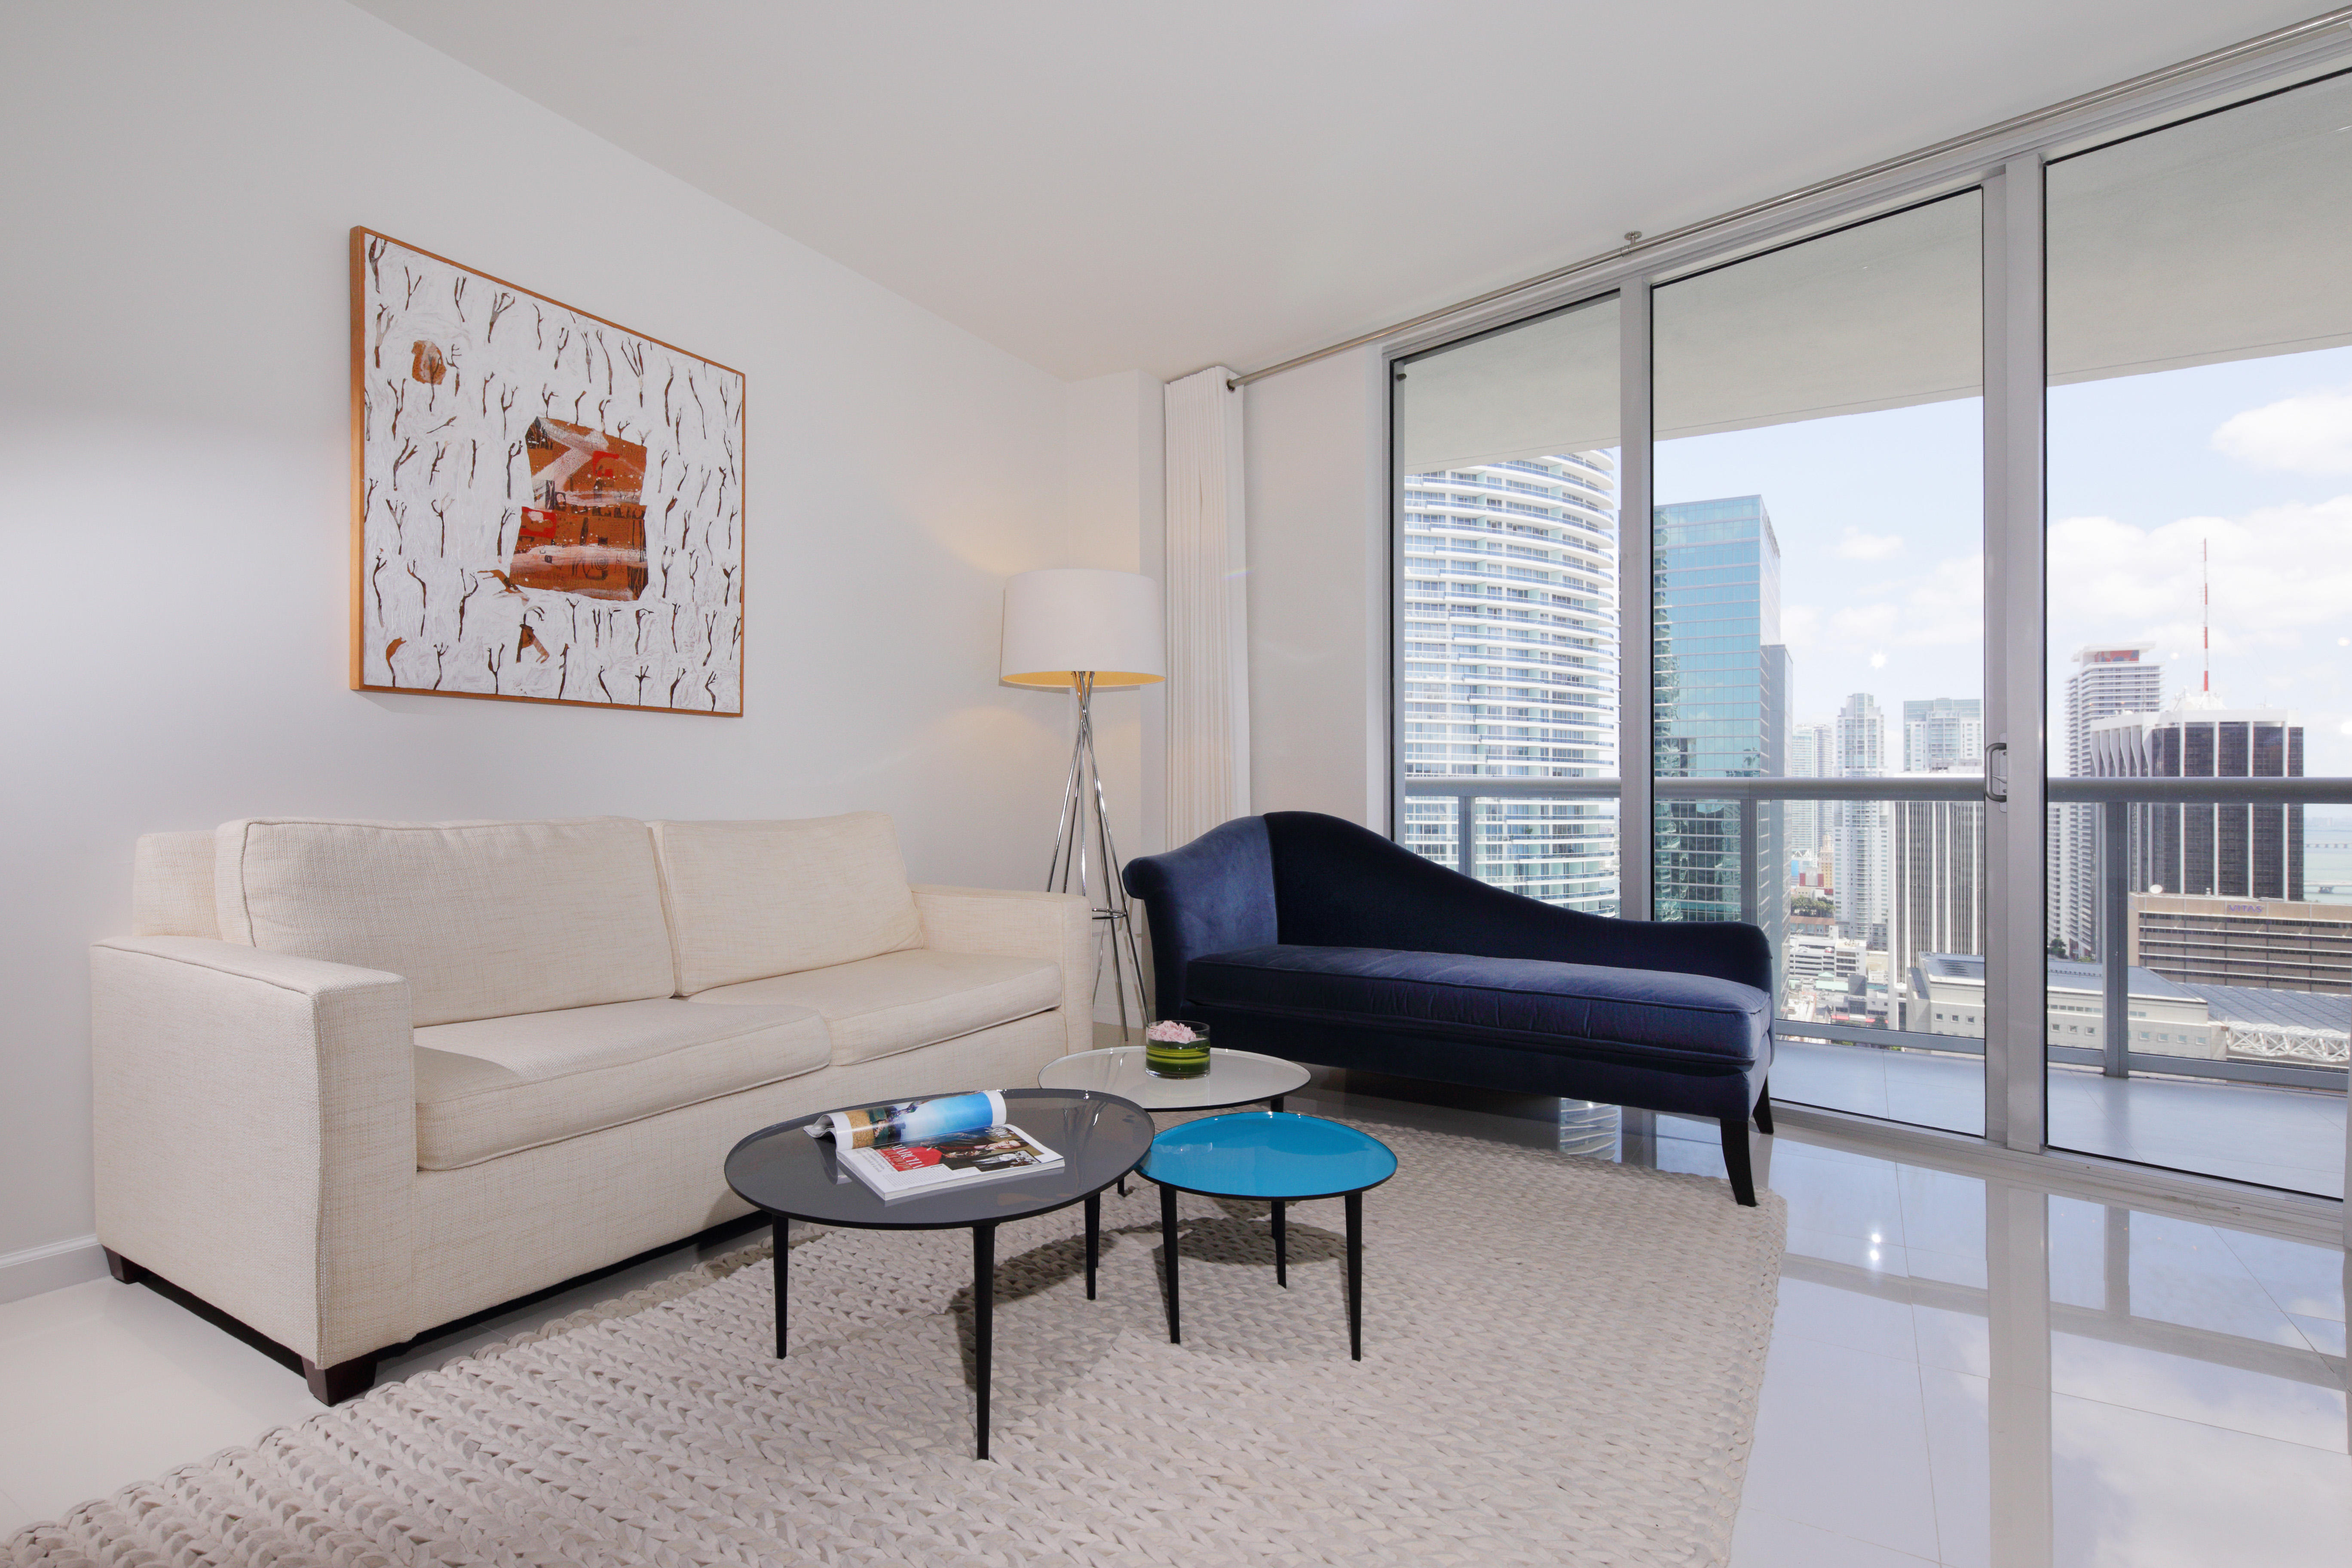 Miami Vacation Rentals - Brickell image 5